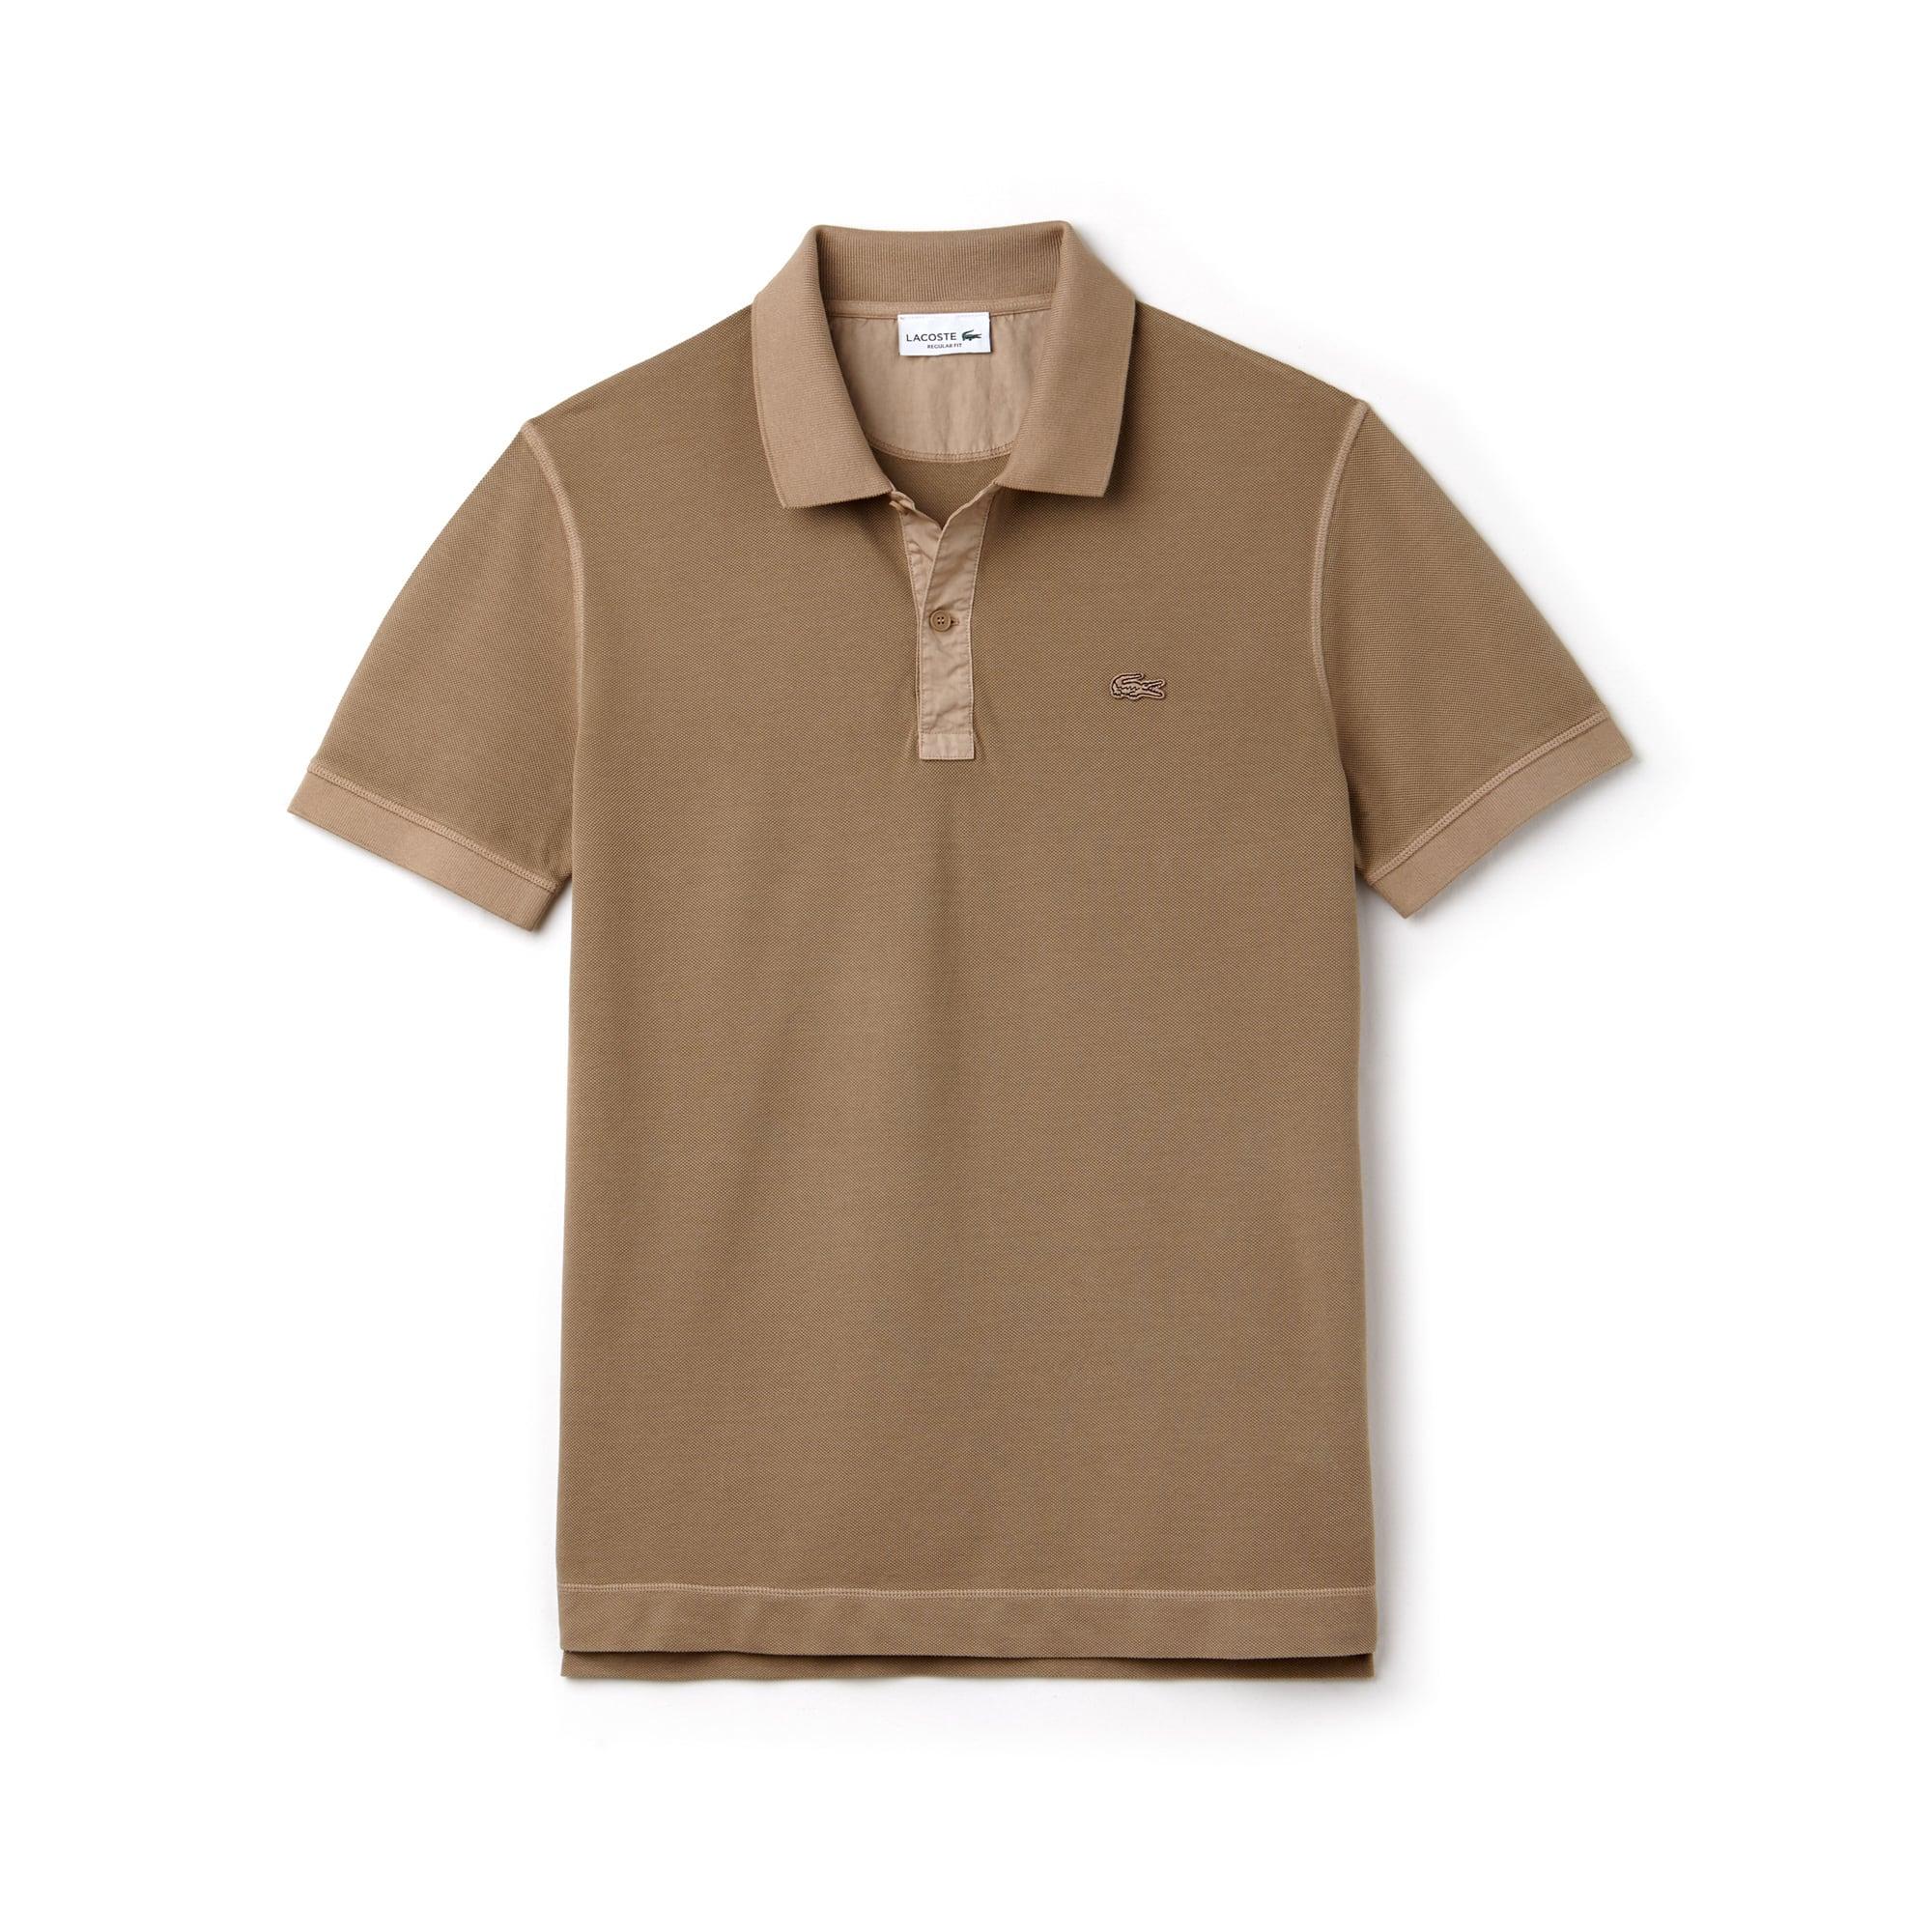 Polo regular fit Lacoste in maglia quadra tinta unita